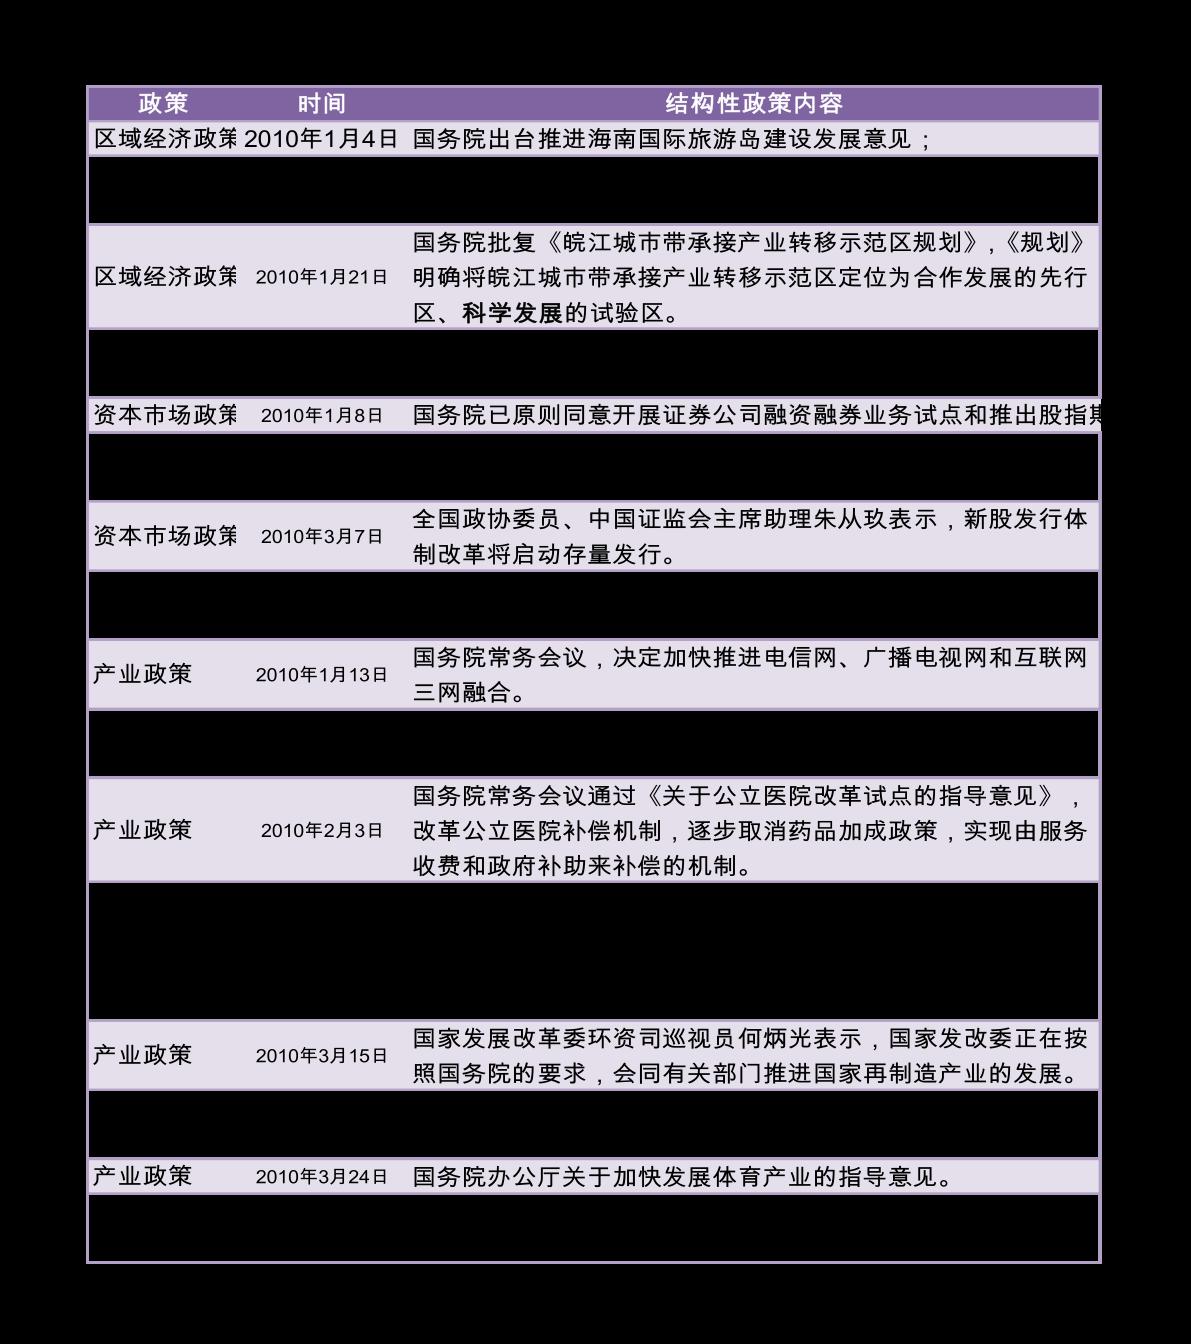 国元雷火电竞平台-2021年第一期:宏观猜想与市场走势-210112